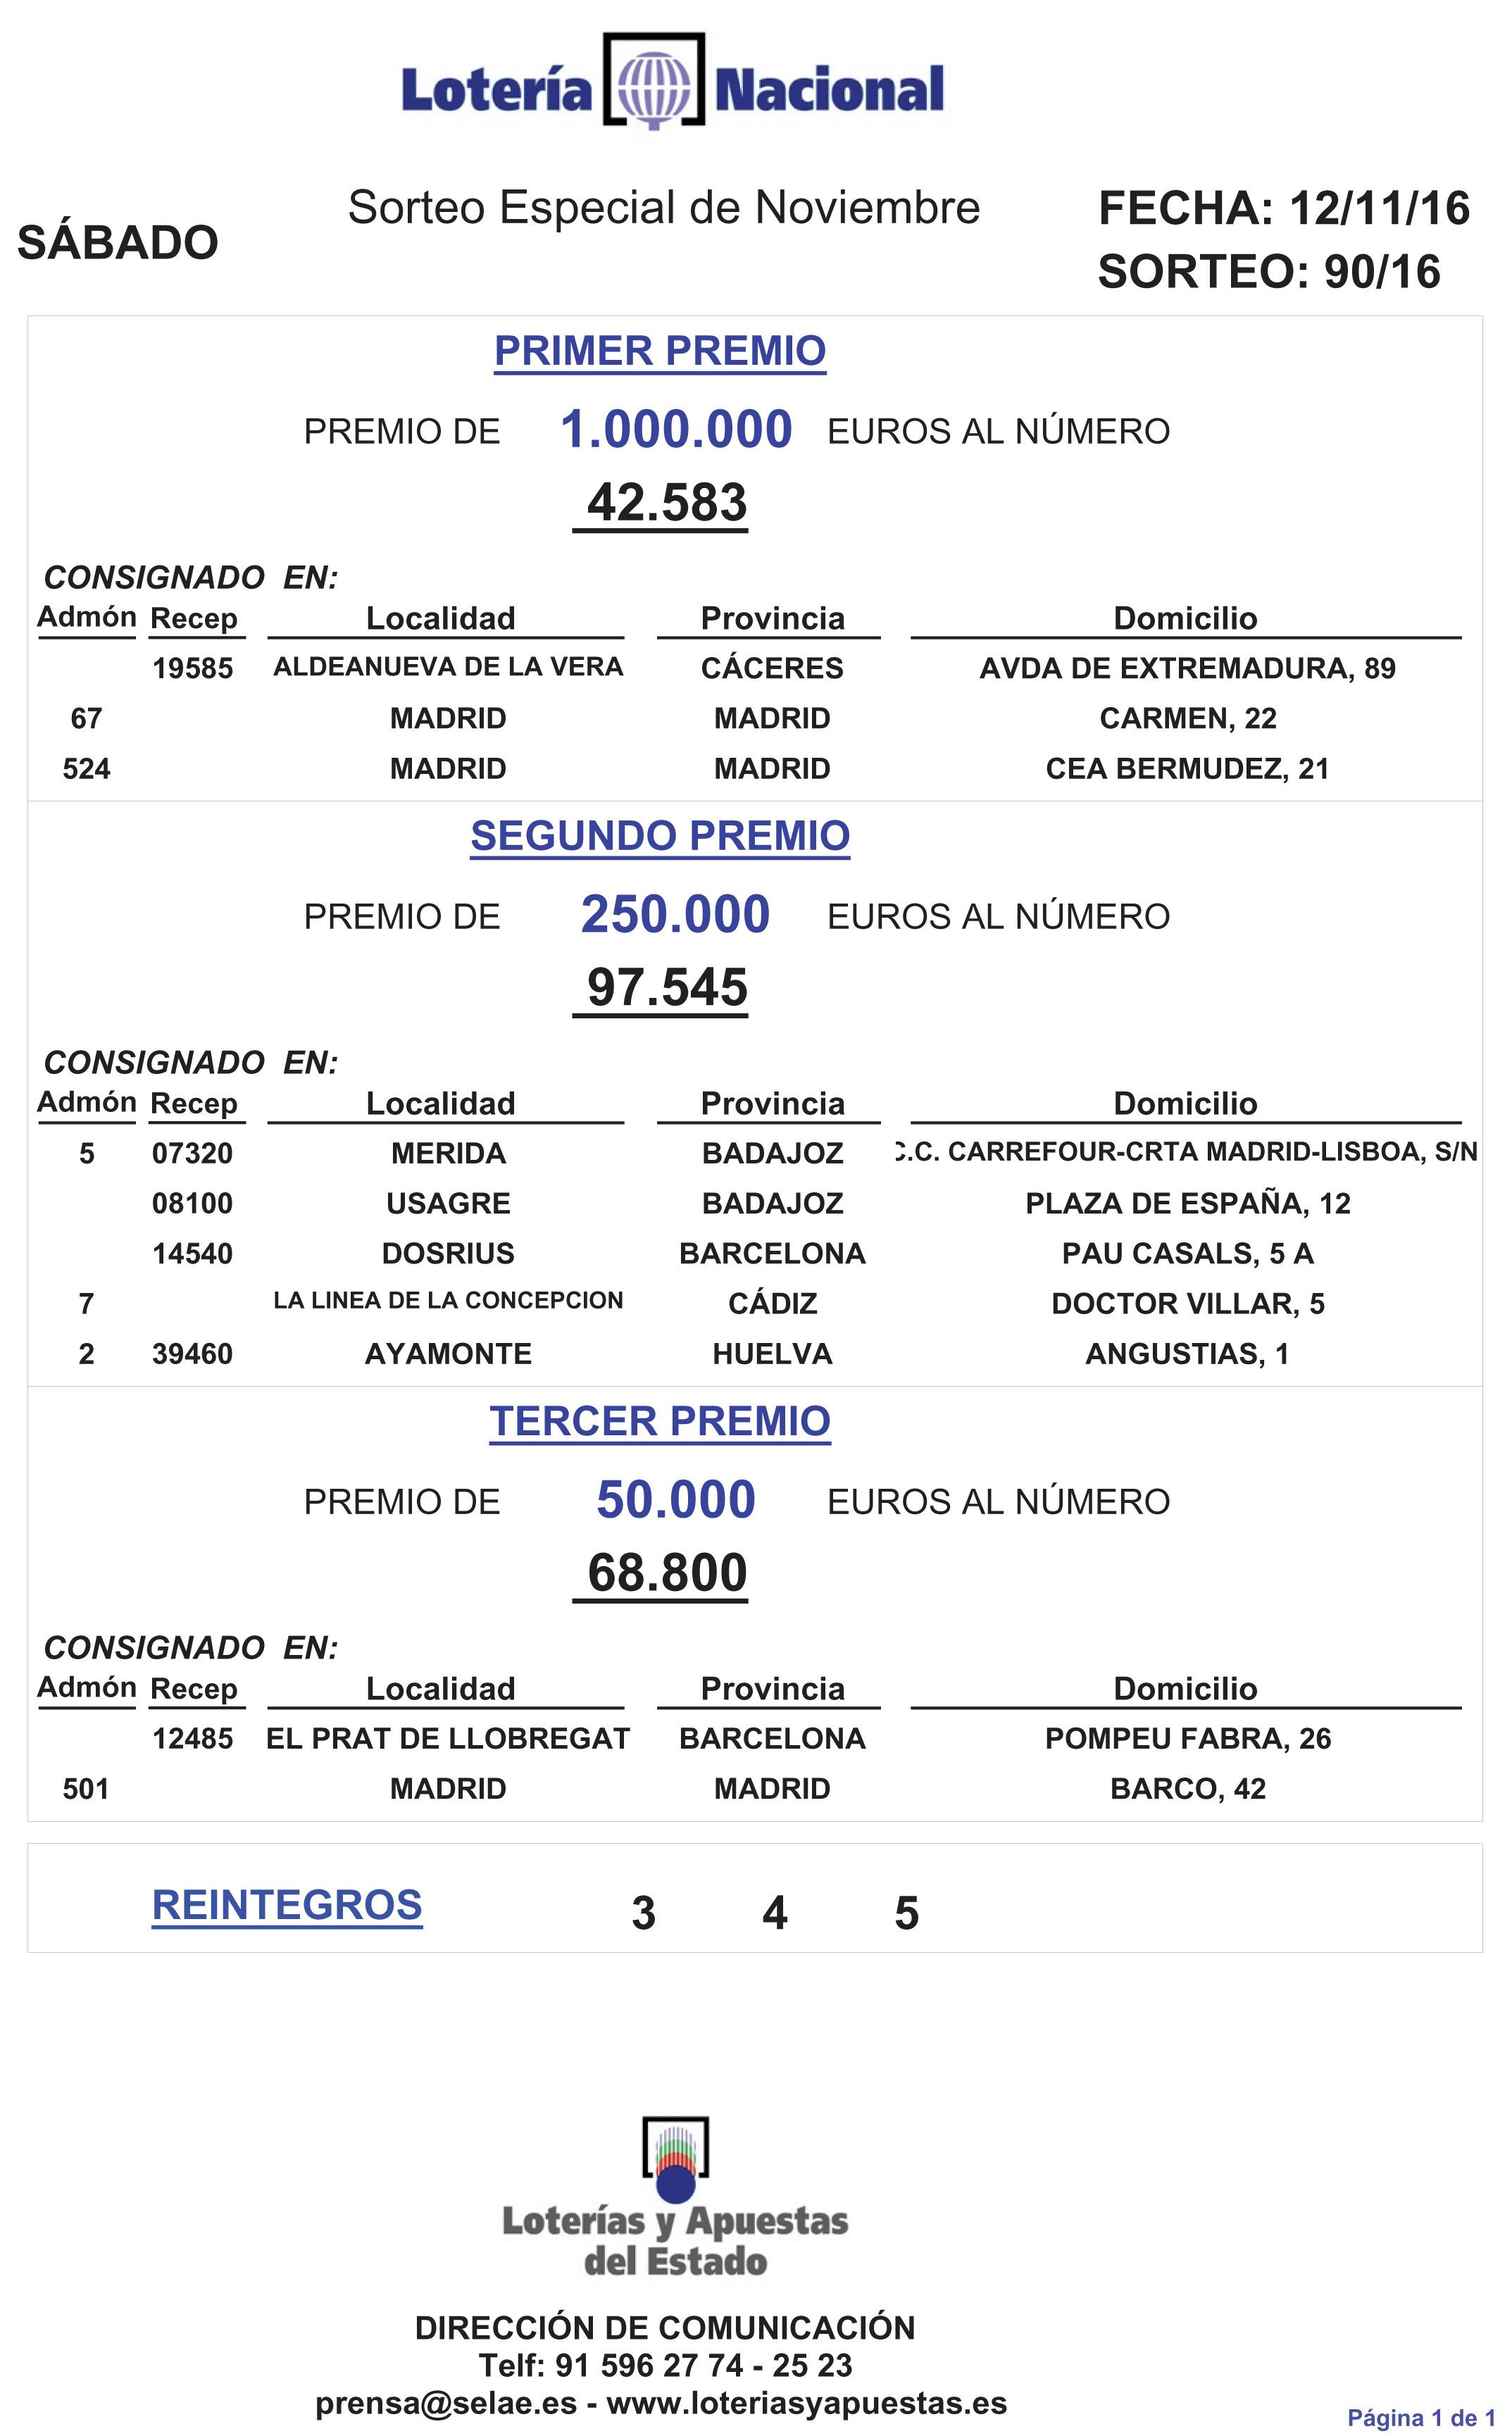 Envio_prem_mayor_pobla@selae.es,enrique.aguirre@selae.es,angel.a